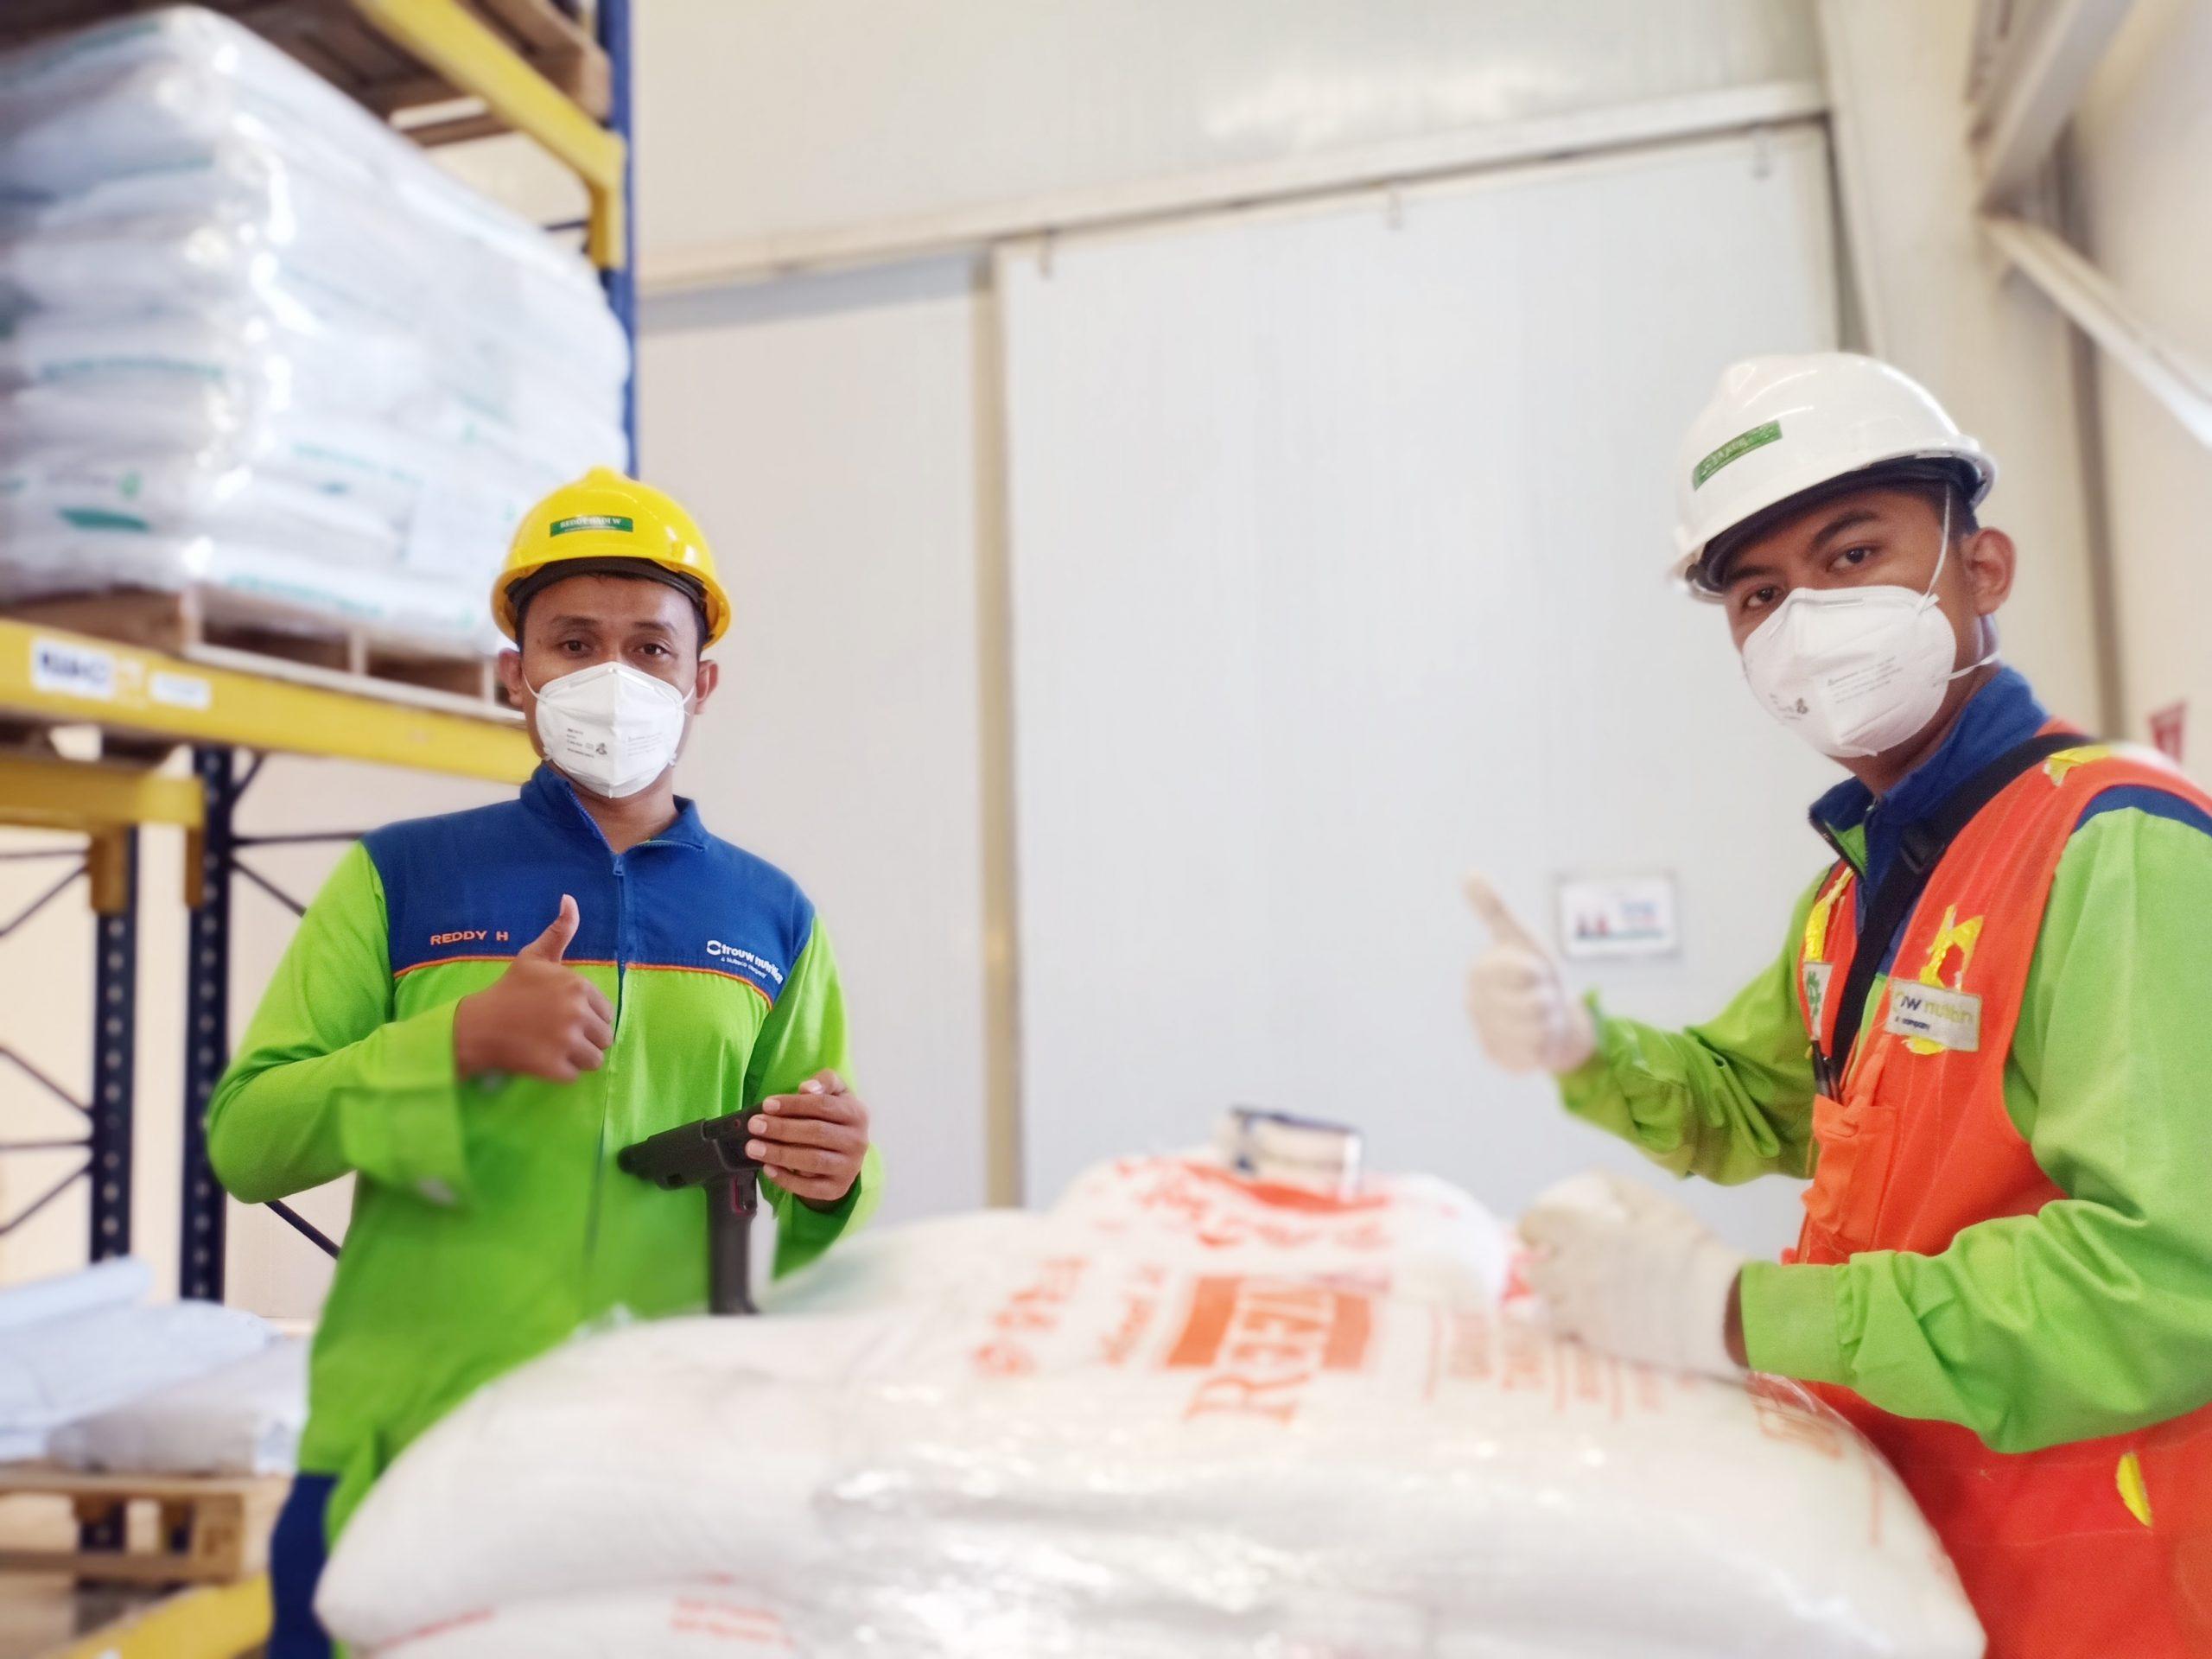 TROUW NUTRITION INDONESIA MELEWATI 1,000,000 JAM KERJA TANPA INSIDEN YANG MENGAKIBATKAN HILANGNYA WAKTU KERJA